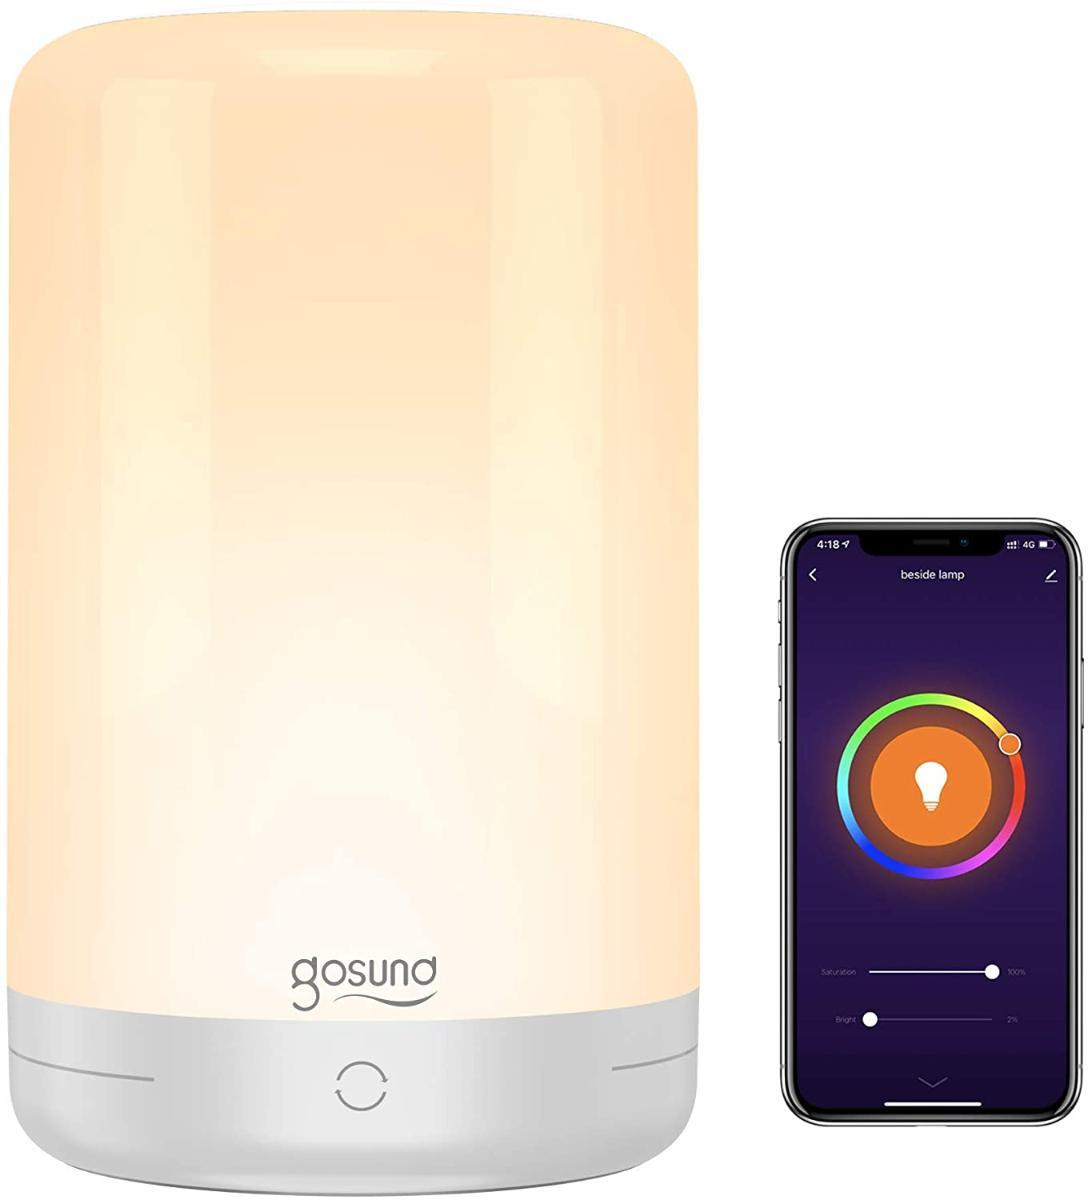 Lâmpada De Mesa Inteligente, Lâmpada De Cabeceira Gosund Wifi Touch Compatível Com Alexa Google Home Para Quartos, Branco Quente Dimmable E Rgb Led Ni